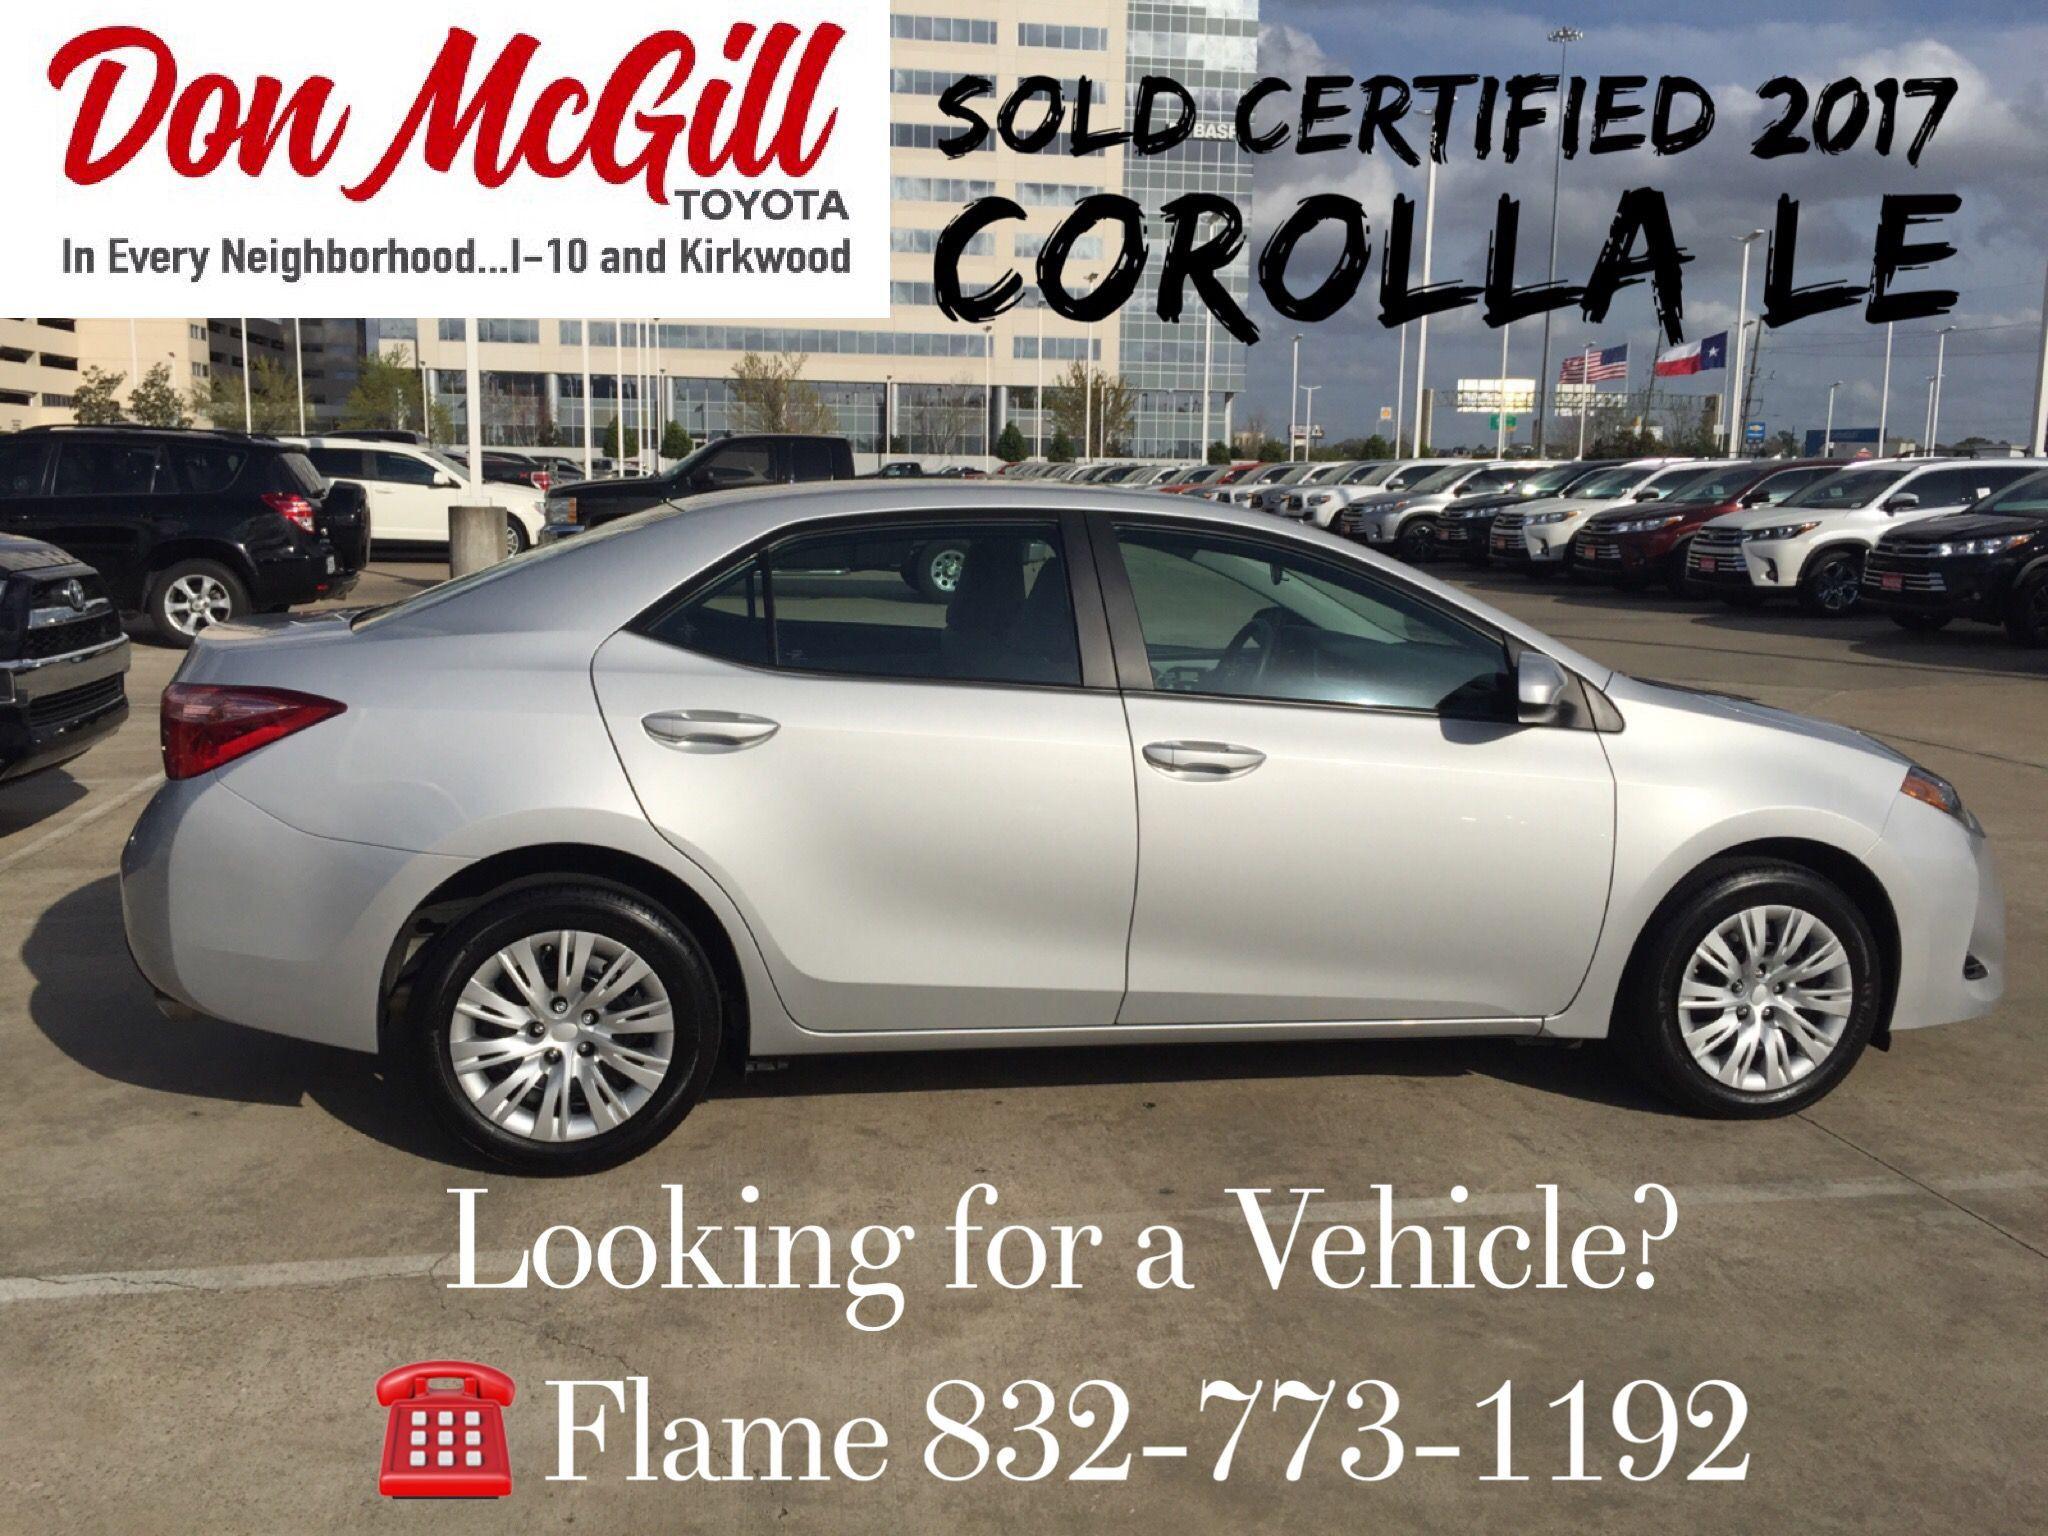 Don McGill Toyota 11800 Katy Freeway Houston, TX 77079 Call Or Text Flame @  832